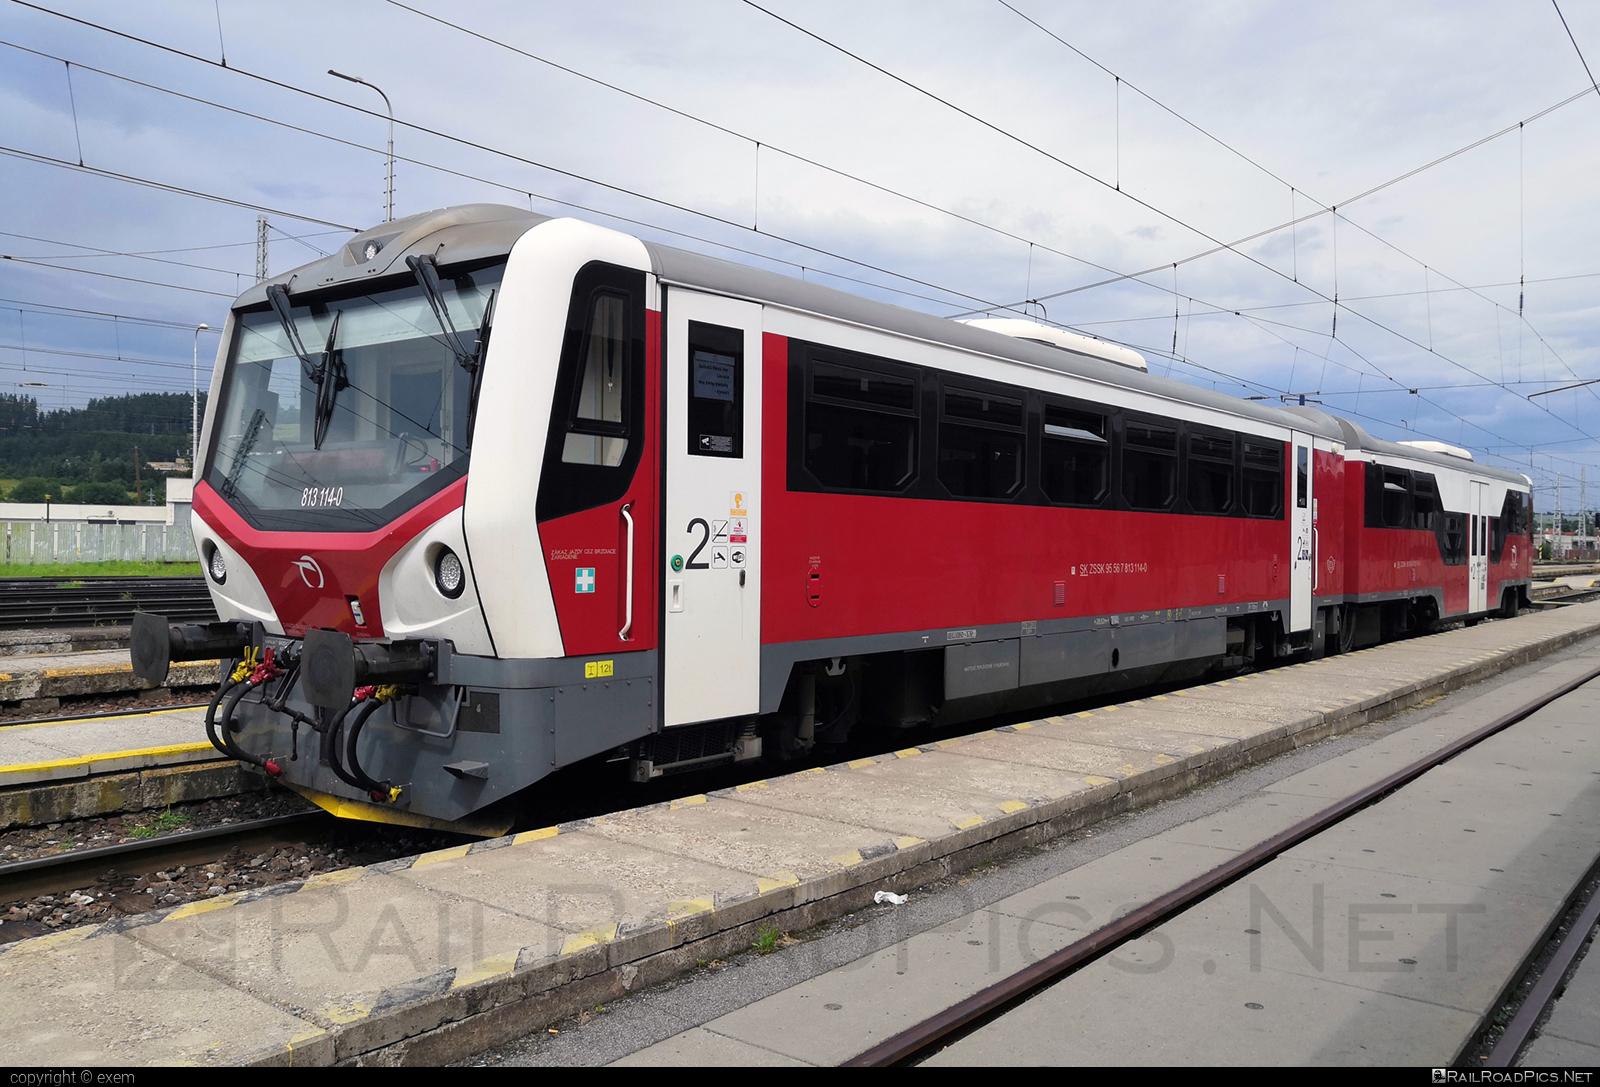 ŽOS Zvolen Class 813.1 - 813 114-0 operated by Železničná Spoločnost' Slovensko, a.s. #ZeleznicnaSpolocnostSlovensko #mravec #zoszvolen #zoszvolen8131 #zssk